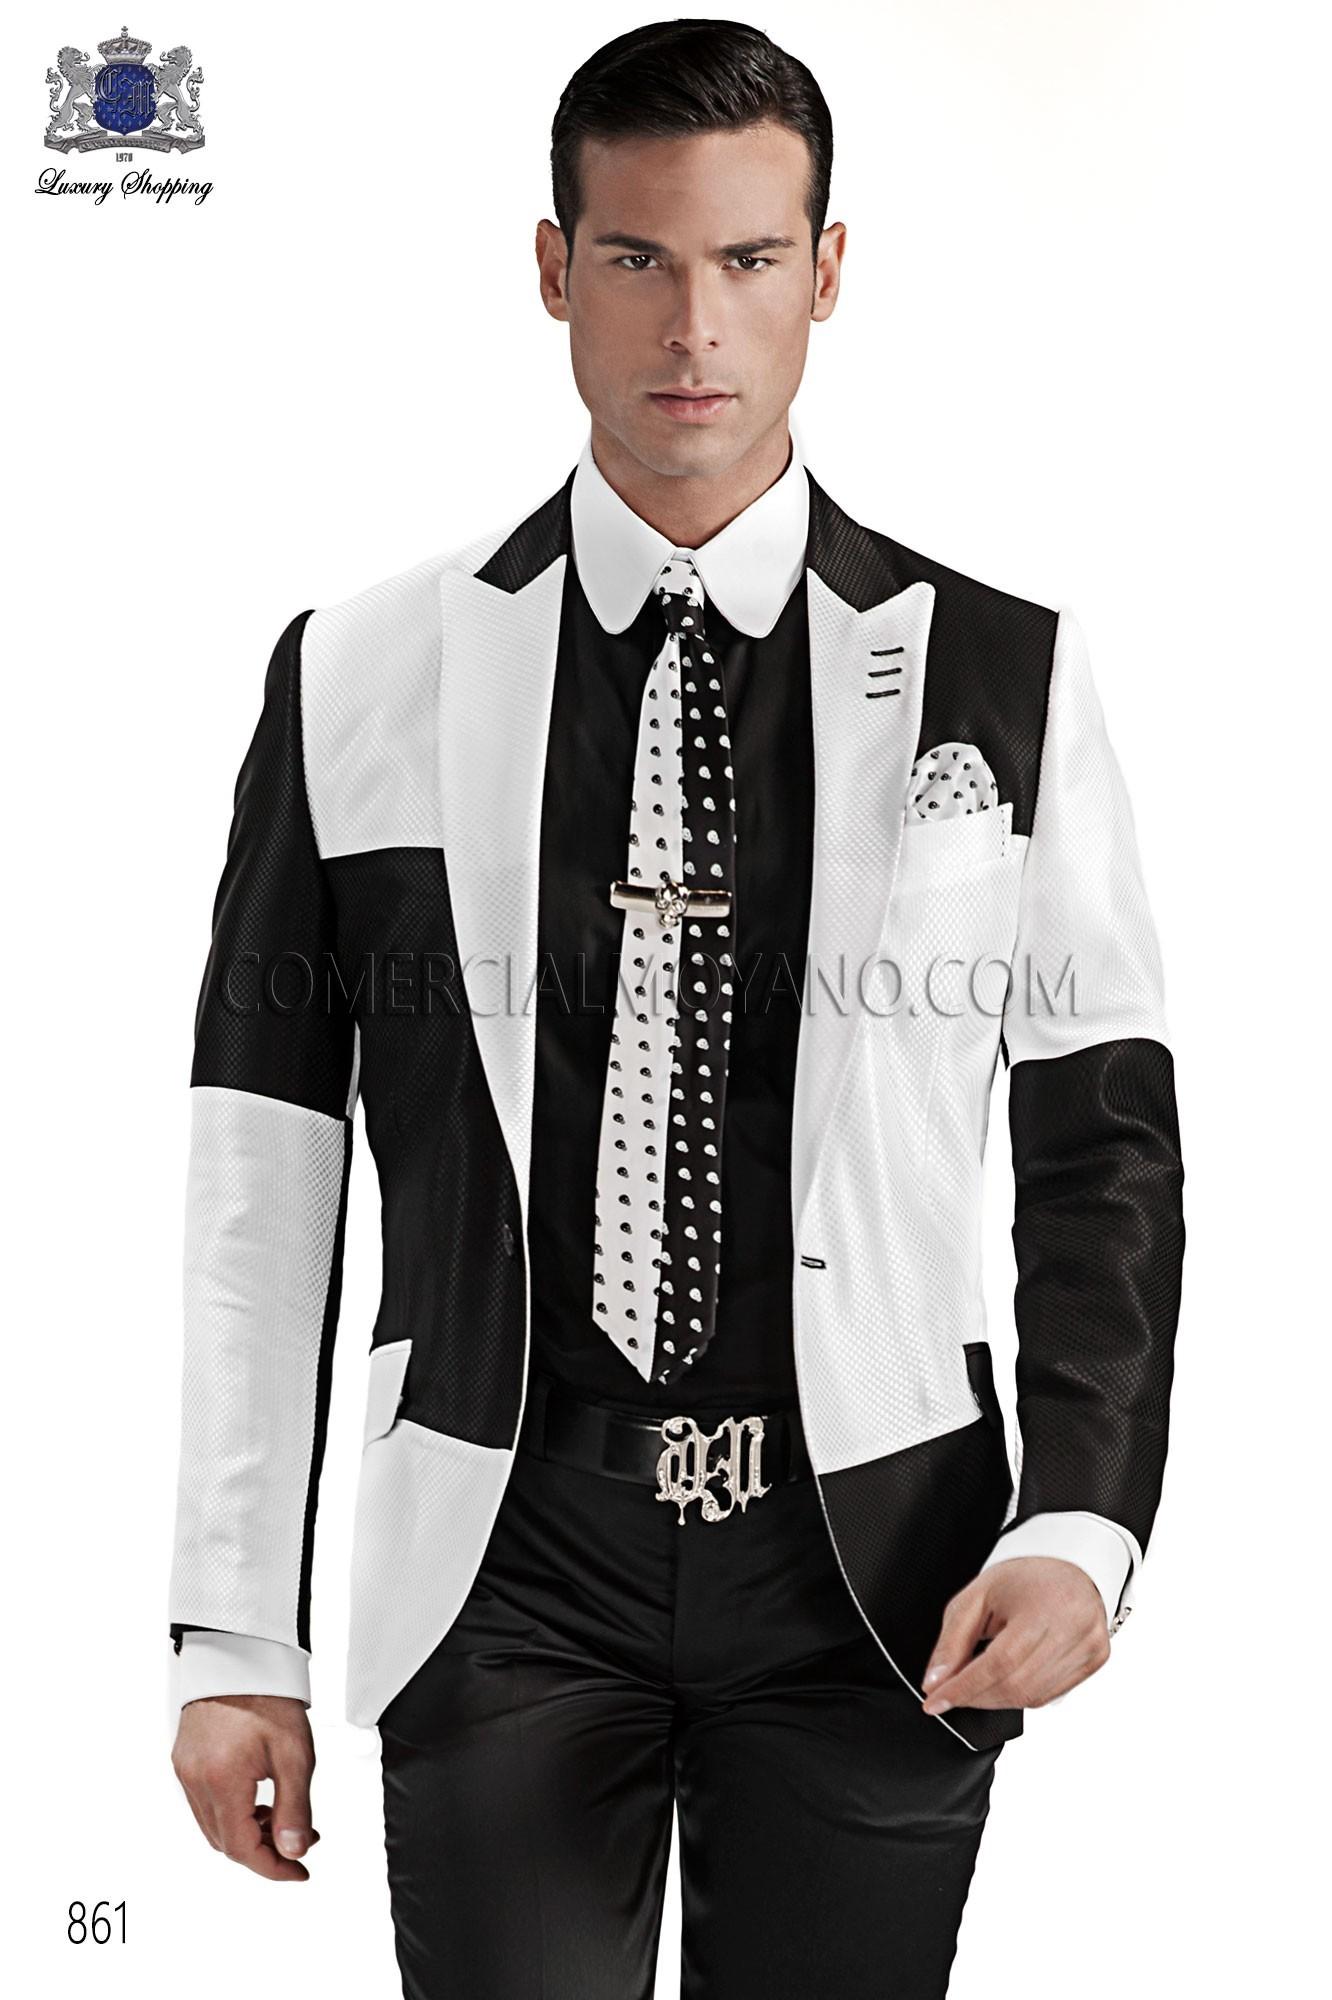 Traje de moda hombre negro-blanco modelo: 861 Ottavio Nuccio Gala colección Emotion